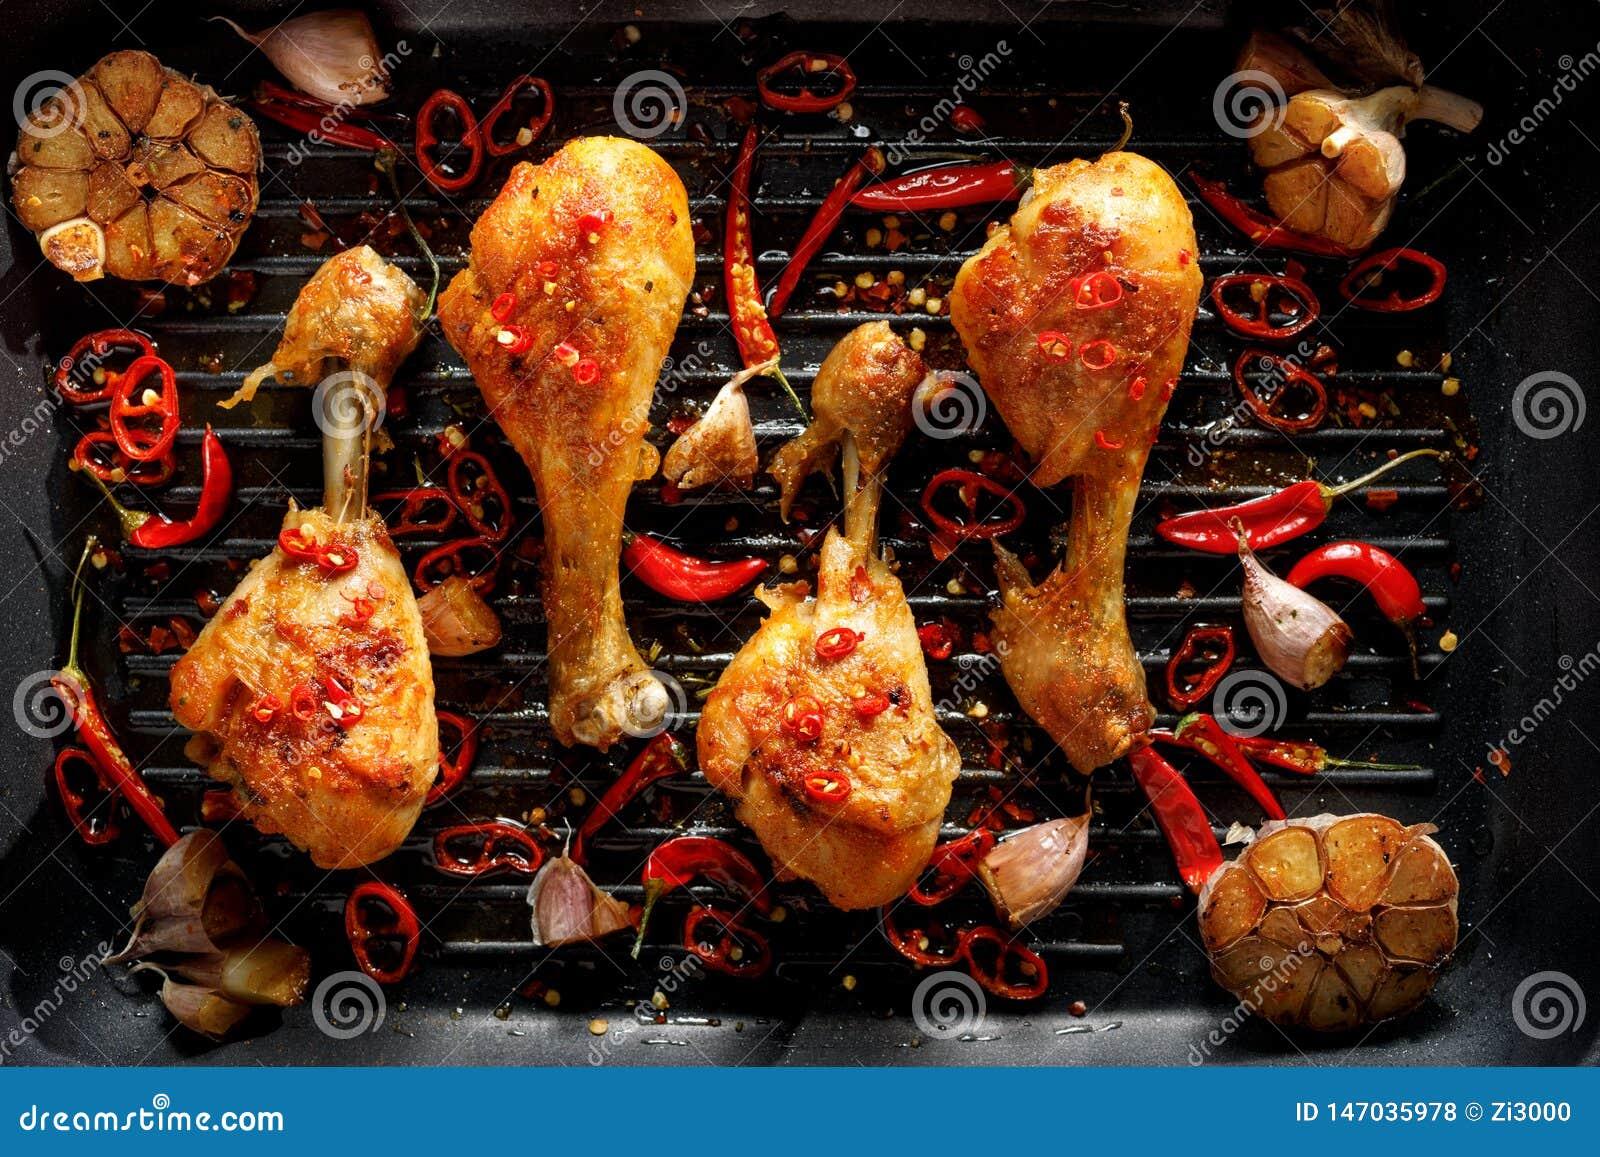 Würzige gegrillte Hühnerbeine, Trommelstöcke mit dem Zusatz von Paprikapfeffern, Knoblauch und Kräuter auf der Grillplatte, Drauf